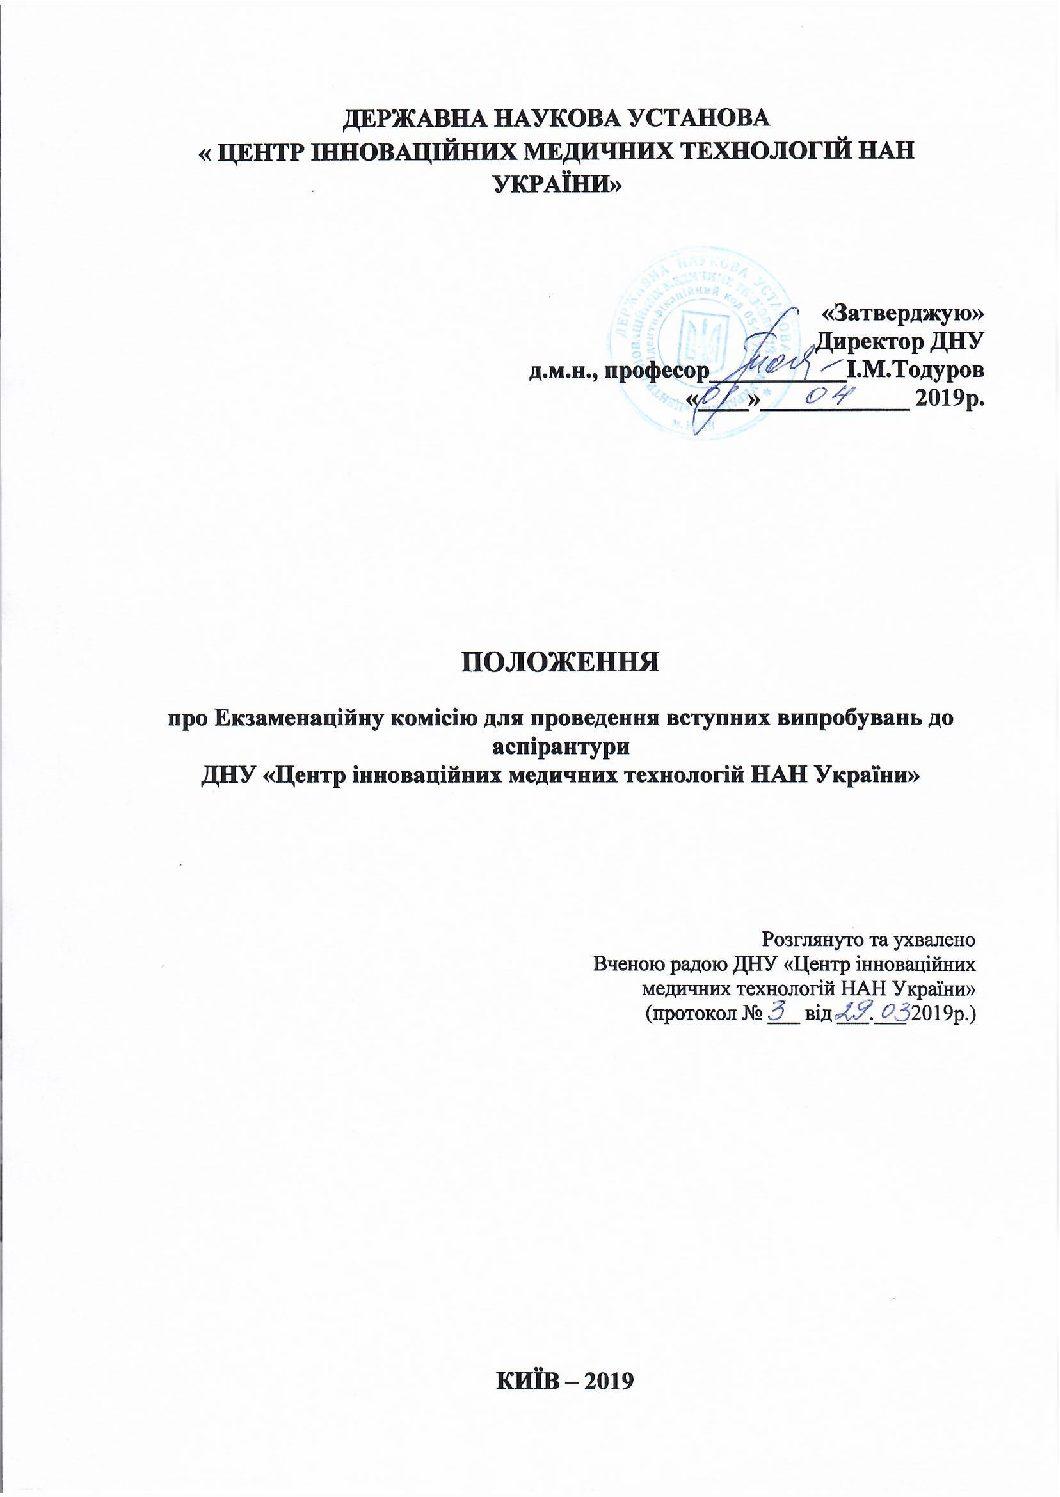 Положення про екзаменаційну комісію для проведення вступних випробувань до аспірантури ДНУ «Центр інноваційних медичних технологій НАН України»